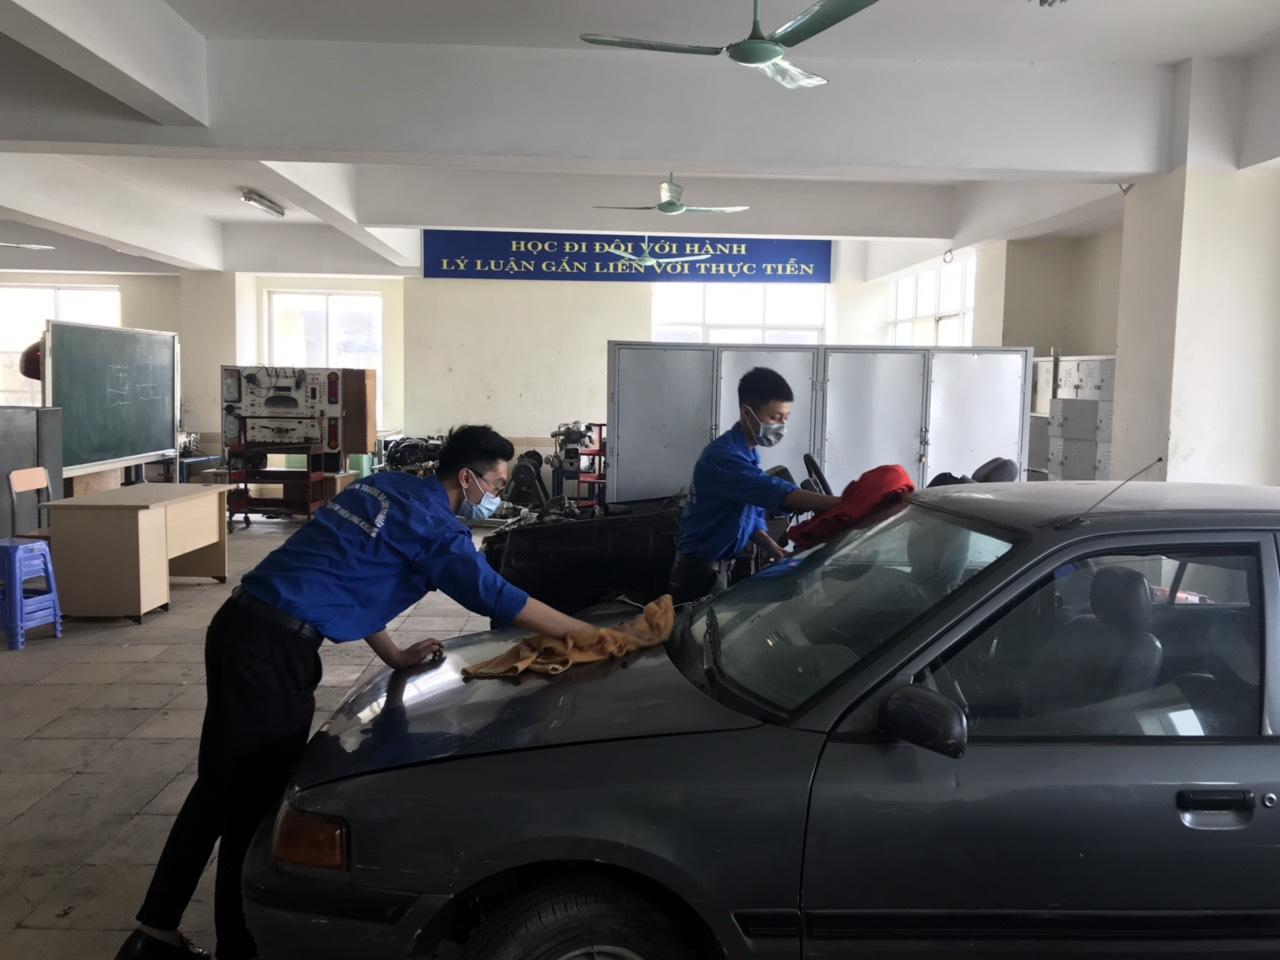 Khoa Công nghệ ô tô thực hiện công tác vệ sinh phòng chống dịch COVID-19 trước ngày đầu tiên sinh viên đến trường sau thời gian nghỉ học cách ly